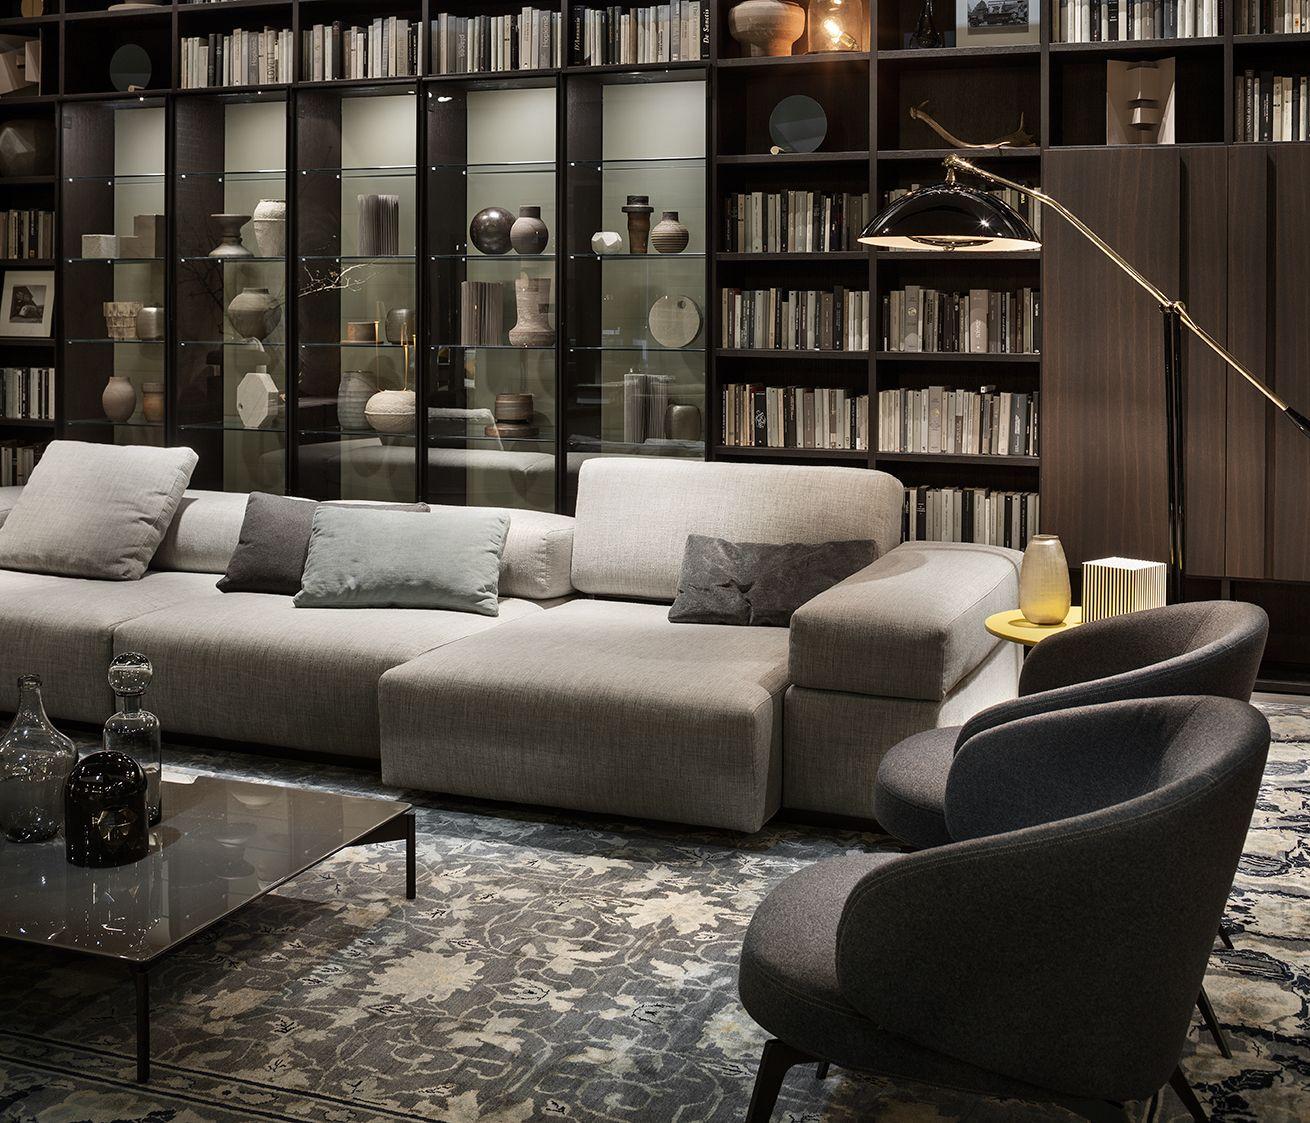 Lane Living Room Furniture Lema Bricl Lane Sofa Bice Lounge Chair Selecta Modular System